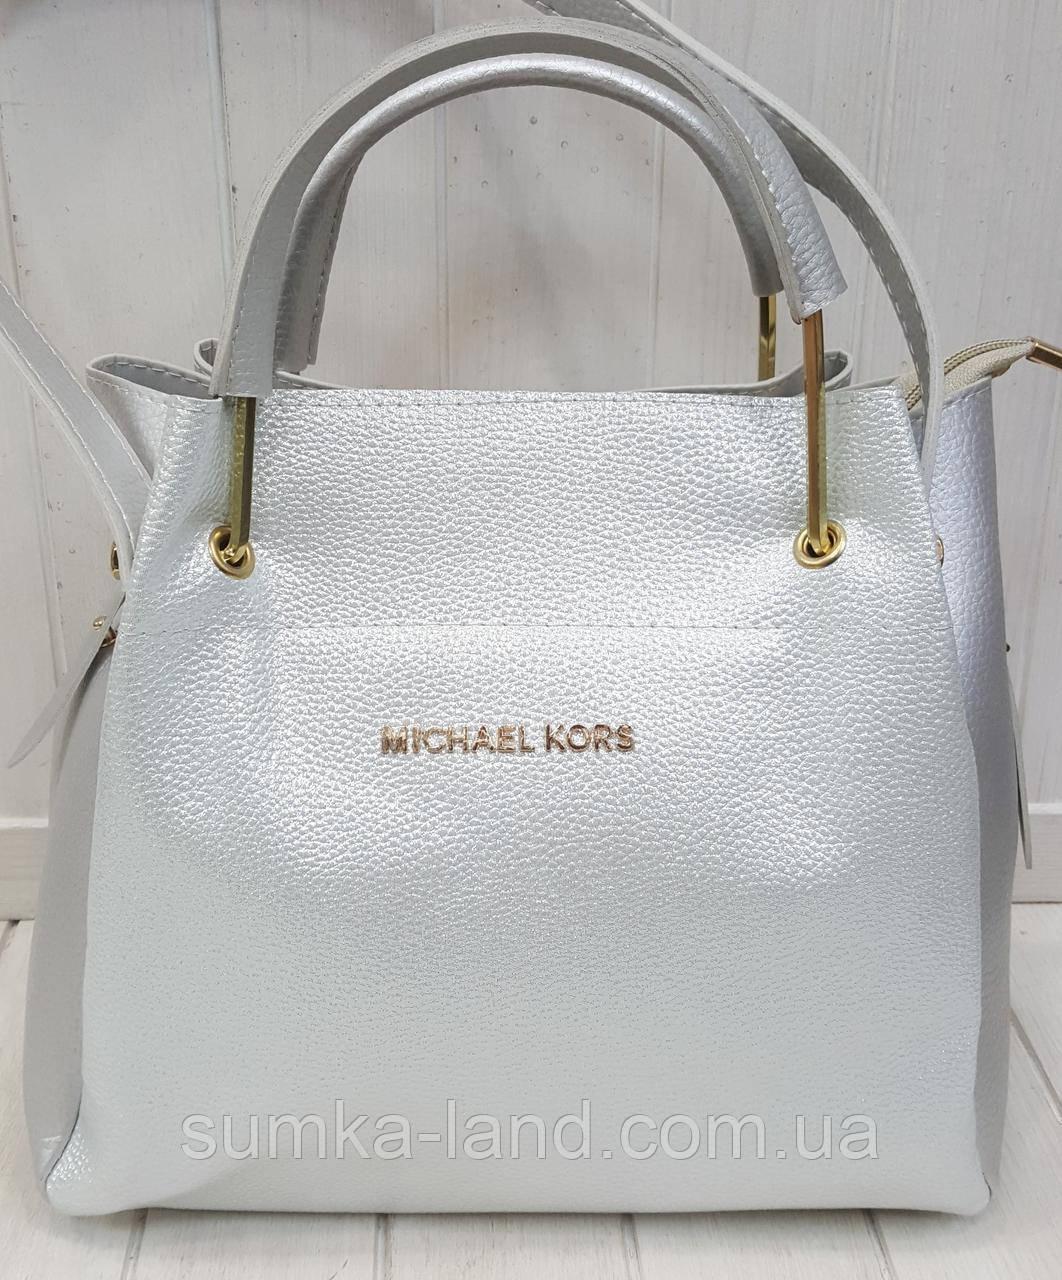 a3873e63e685 Женская элитная сумка MK серебристая с светлым серебром 28*26 см ...